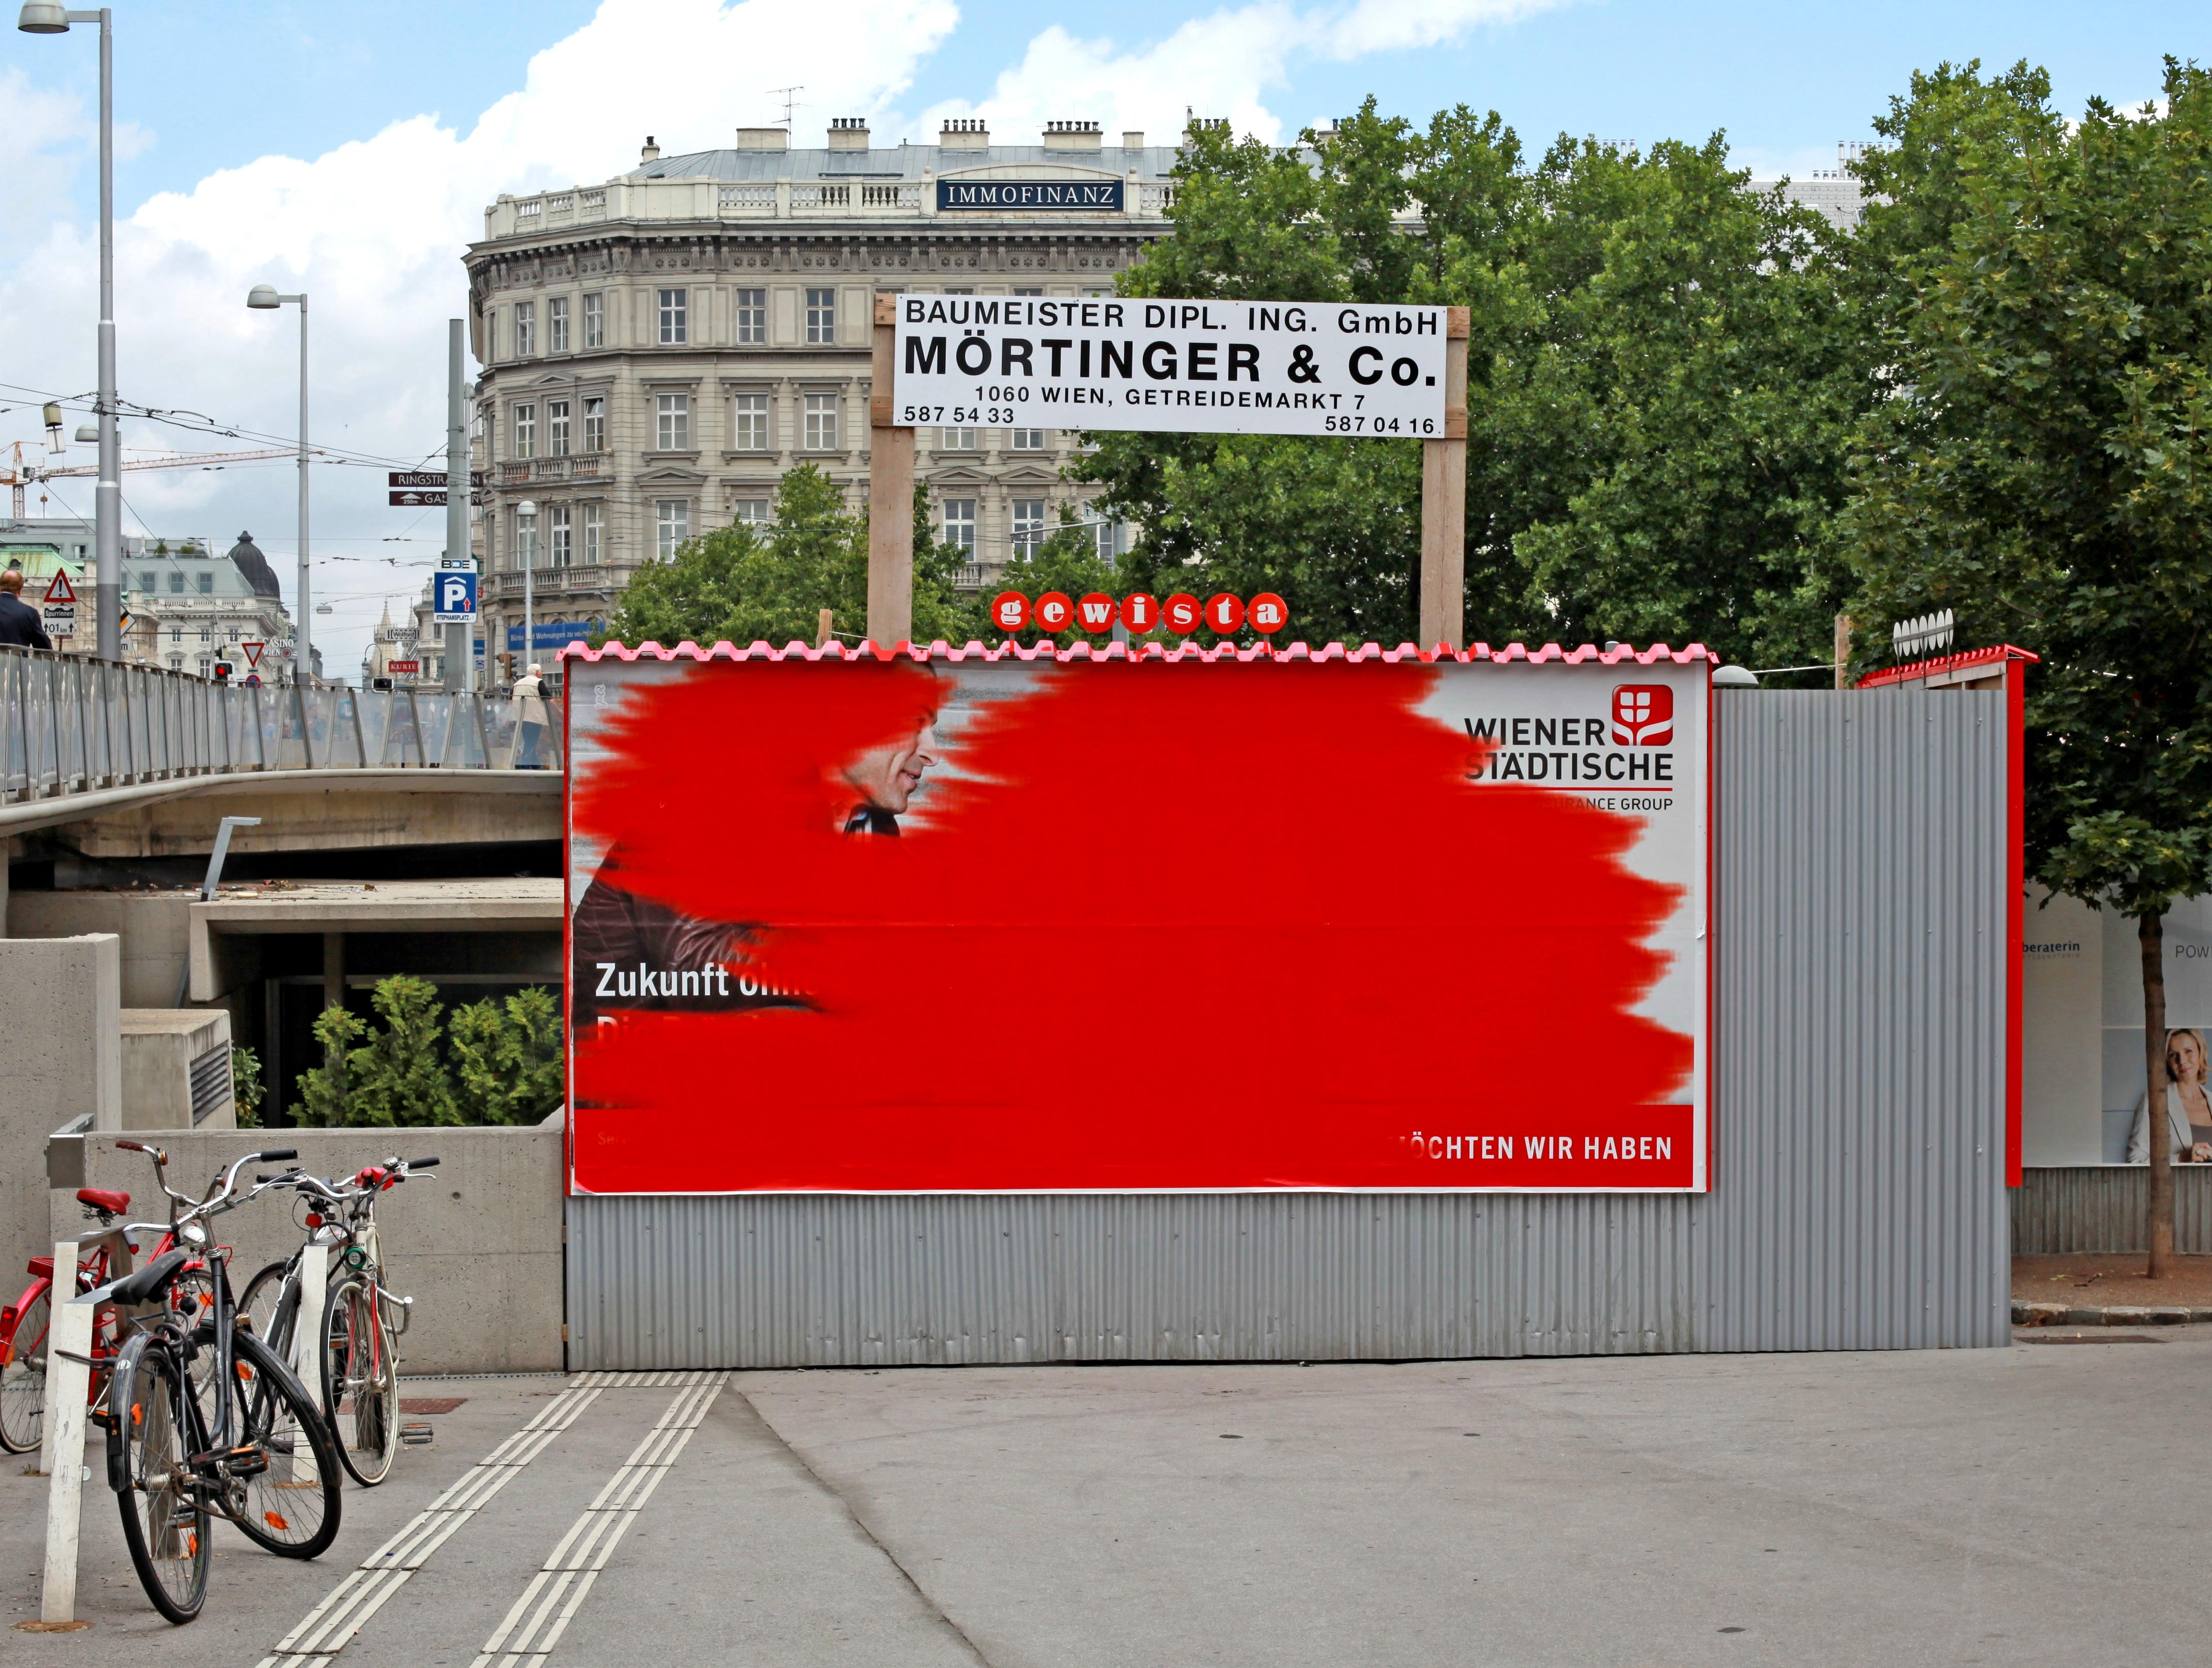 Gewista Plakat Karlsplatz © Otto Mittmannsgruber